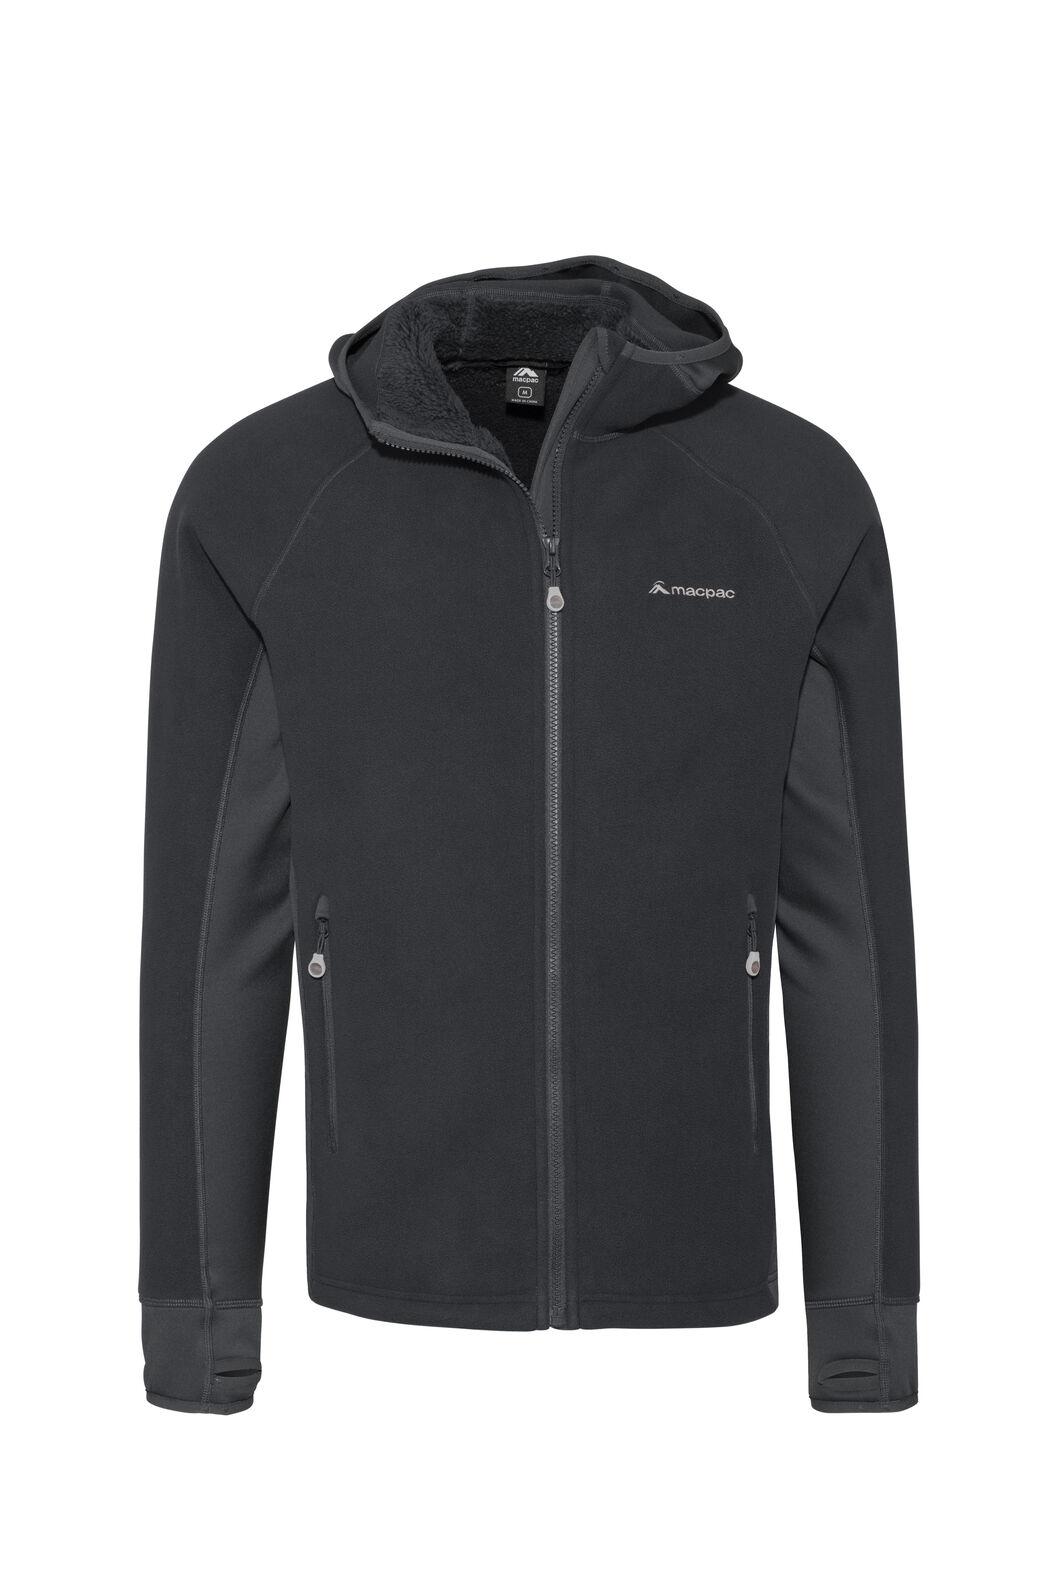 Macpac Mountain Hooded Jacket — Men's, Black, hi-res